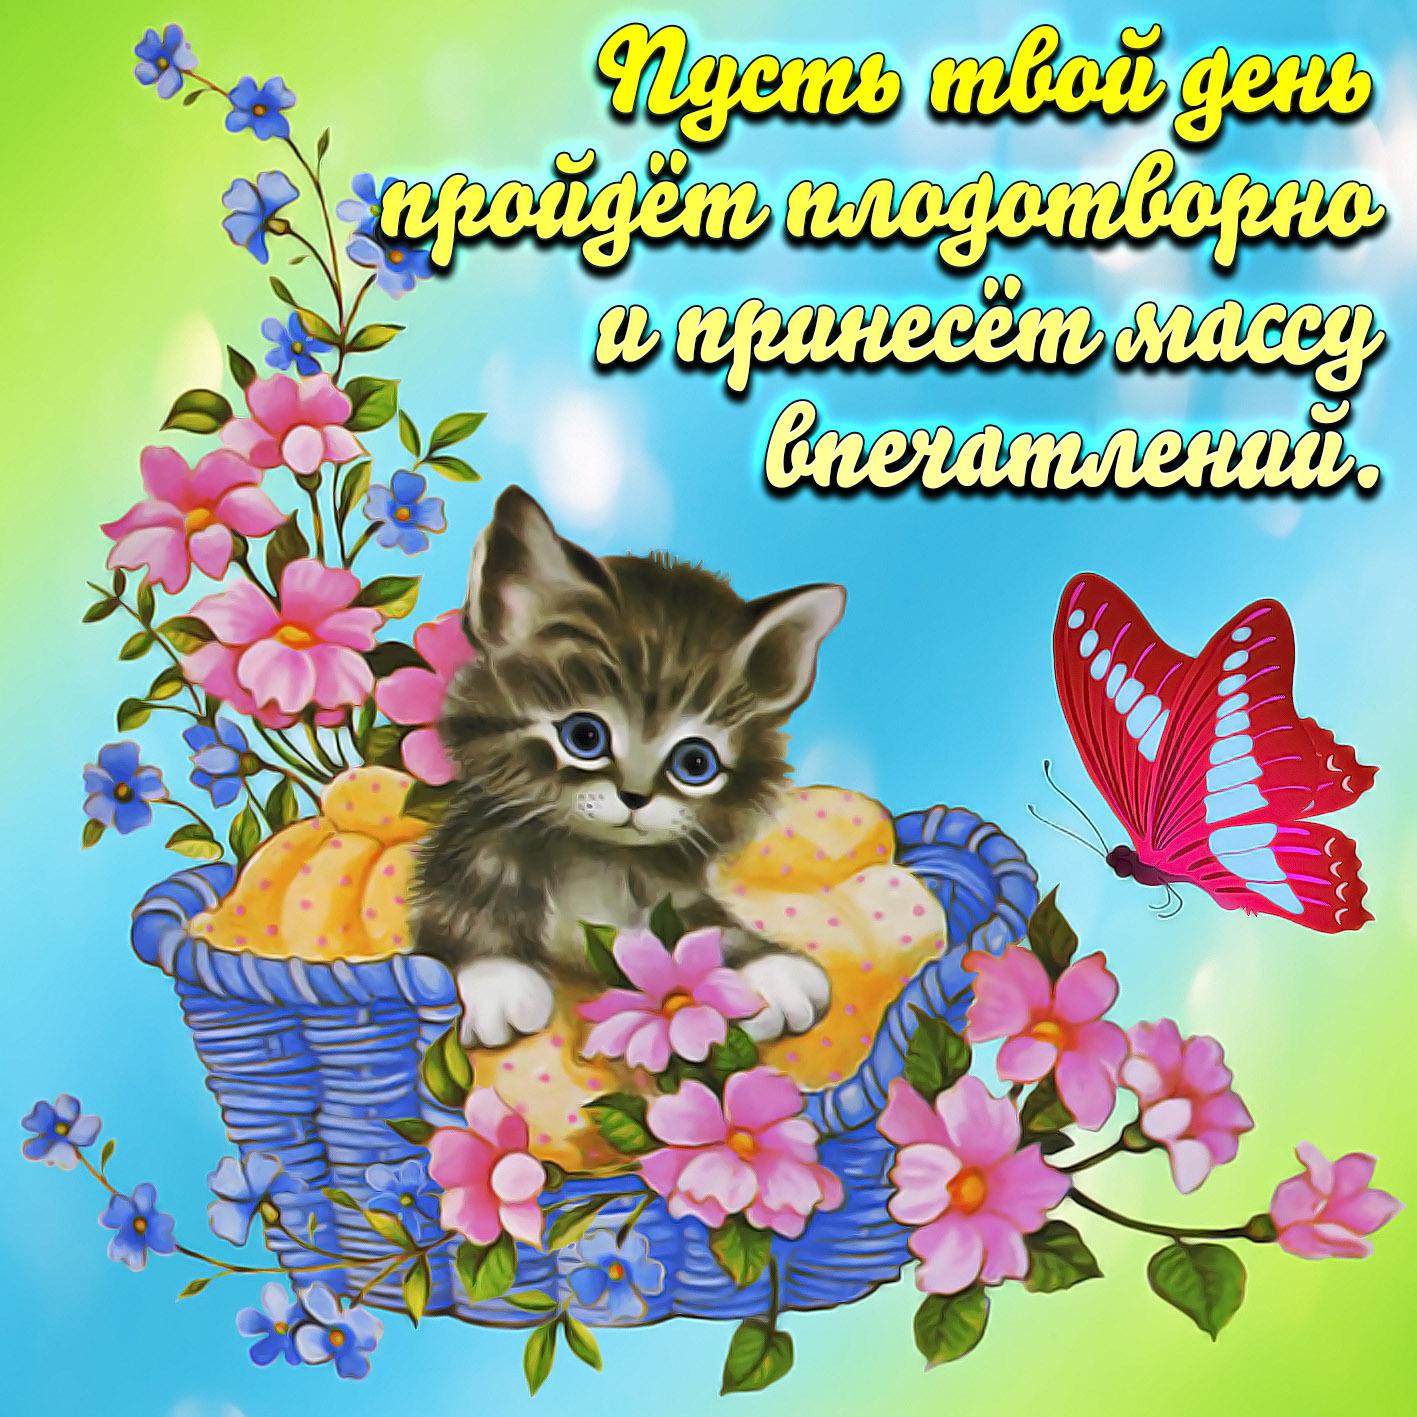 Картинка с котёнком среди цветочков и пожеланием